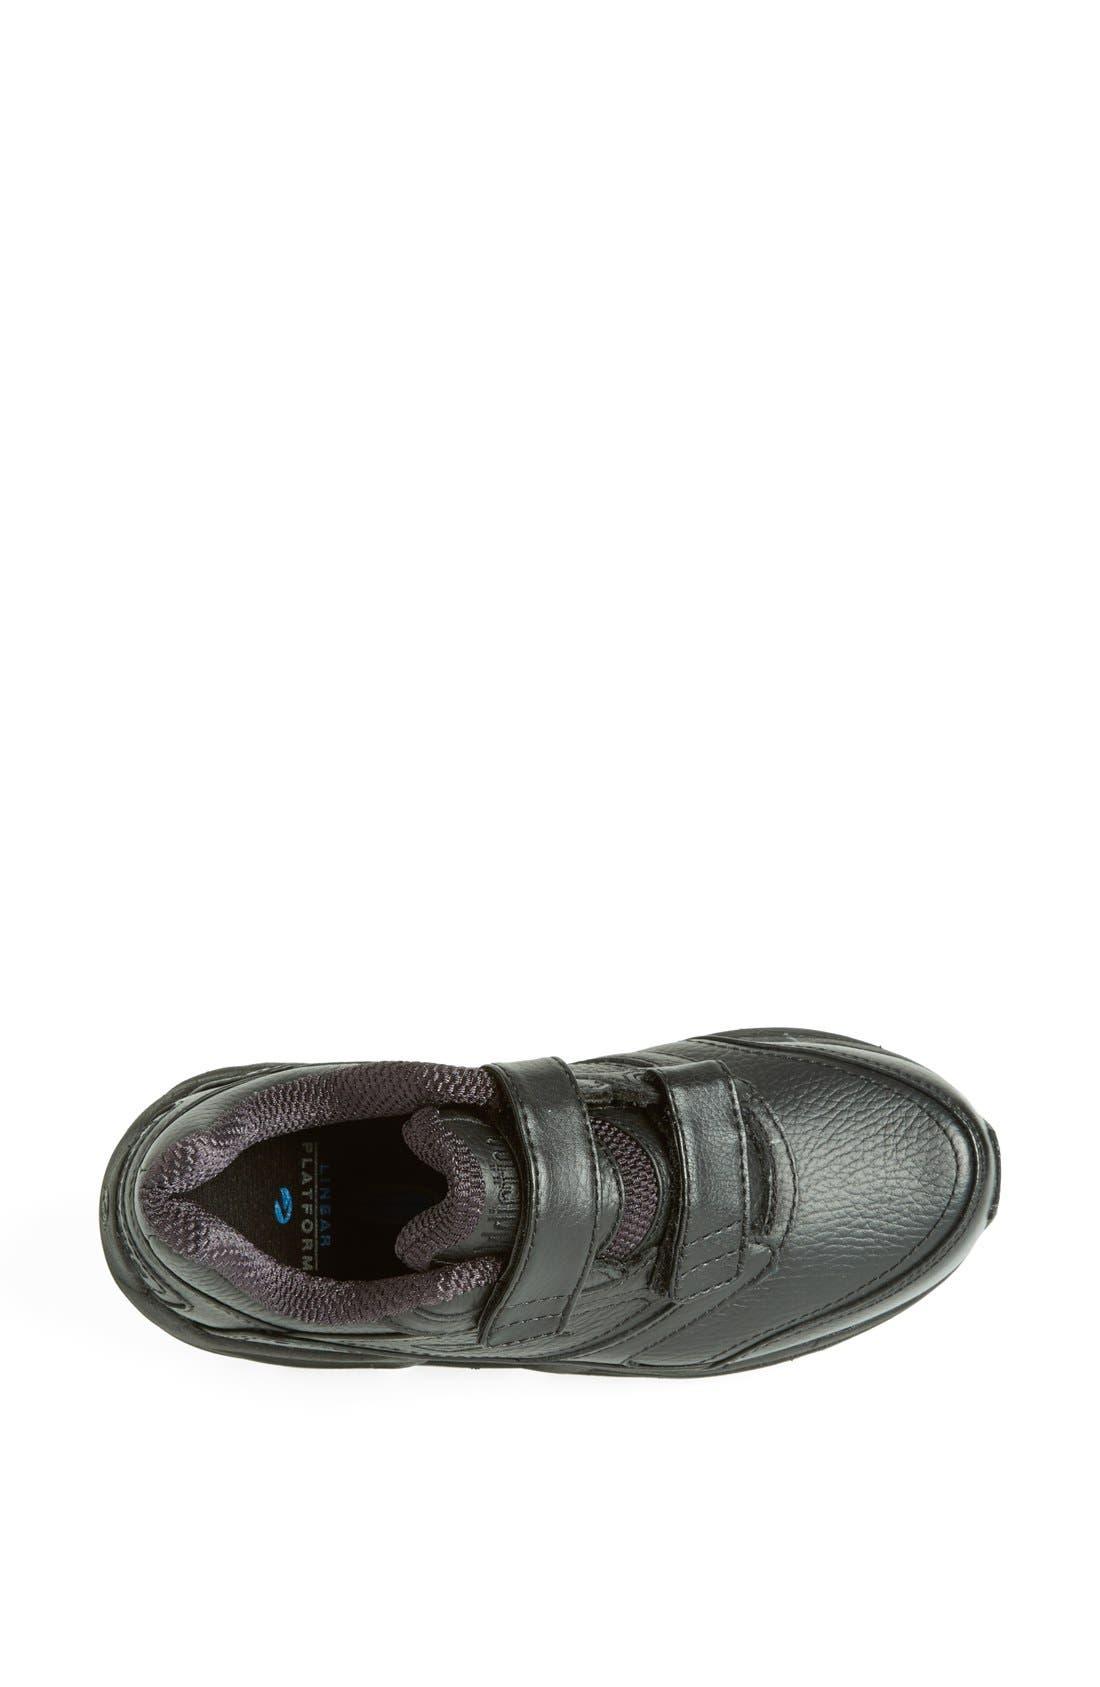 Alternate Image 3  - Brooks 'Addiction' Walking Shoe (Women)